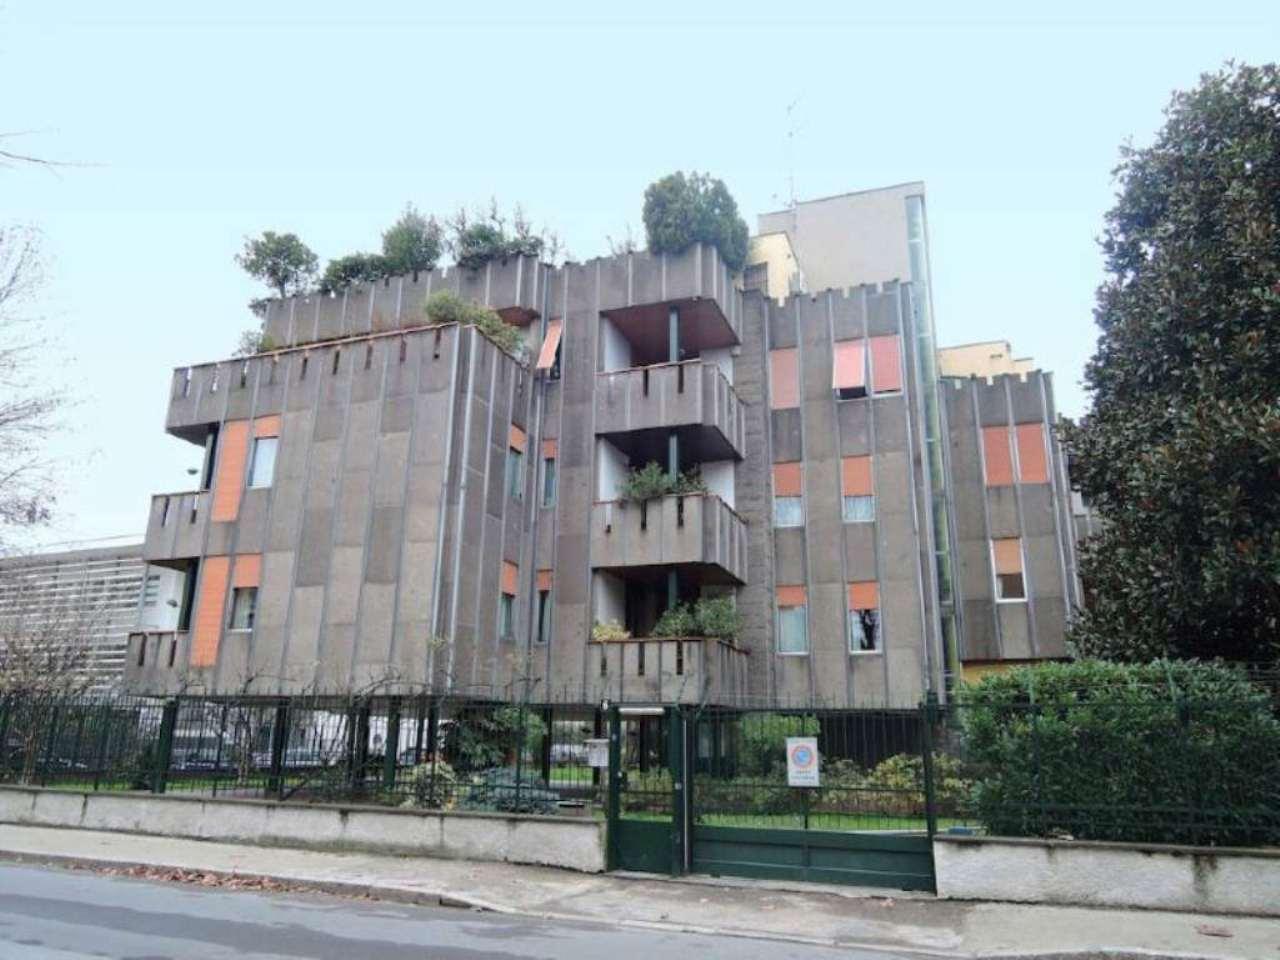 Appartamento in vendita a Milano, 5 locali, zona Zona: 14 . Lotto, Novara, San Siro, QT8 , Montestella, Rembrandt, prezzo € 810.000 | CambioCasa.it